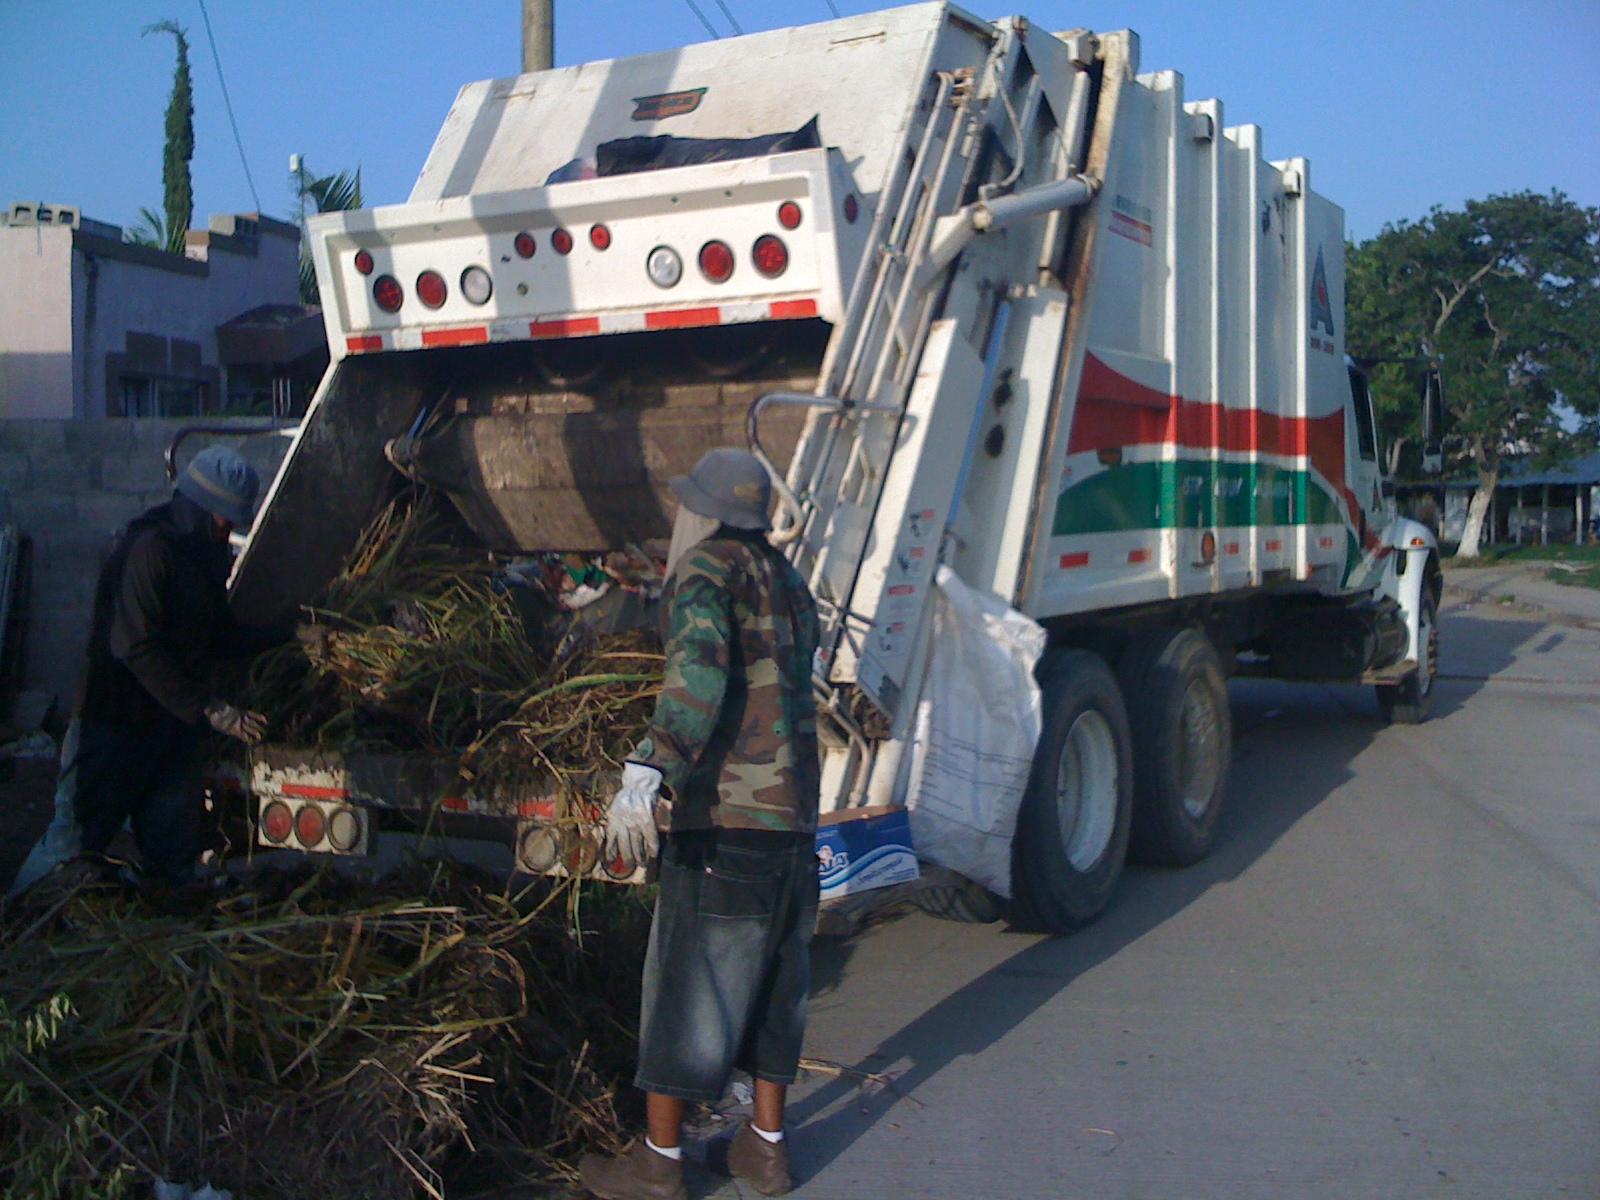 diseño de rutas de recoleccion Rutas de recolección de los residuos urbanos ha sido en base al juicio y  experiencia  diseño de macro y micro rutas de recolección de residuos  sólidos.